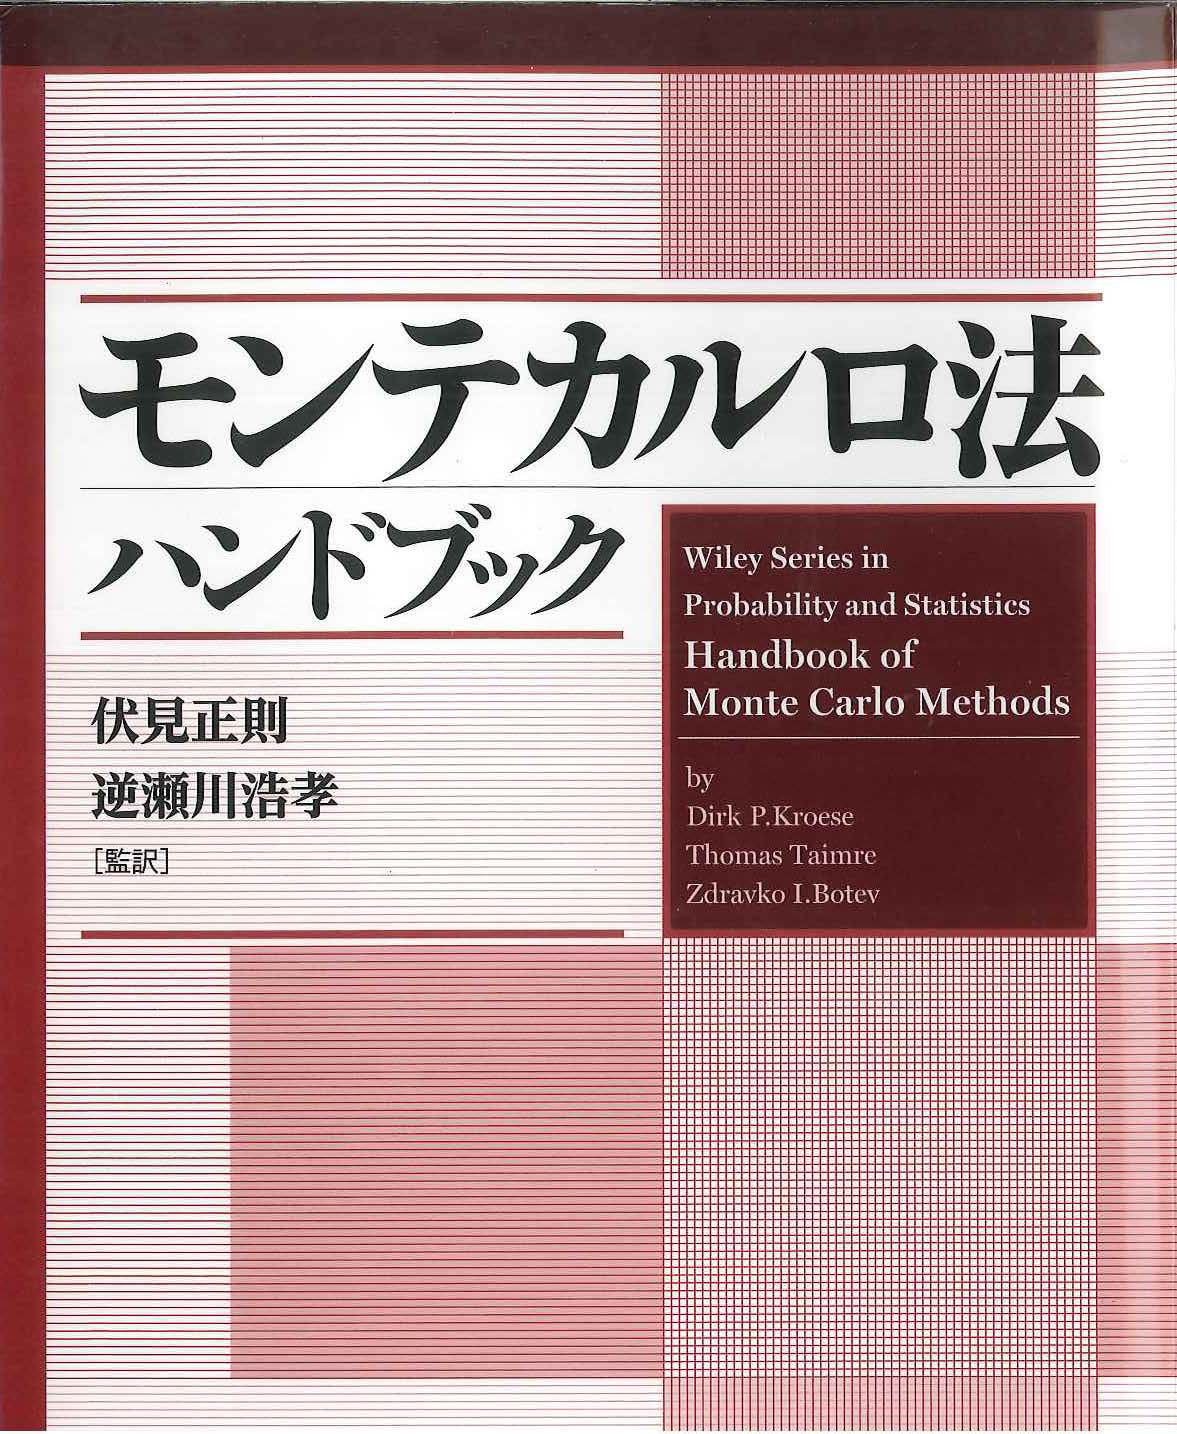 Handbook of Monte Carlo Methods - Homepage